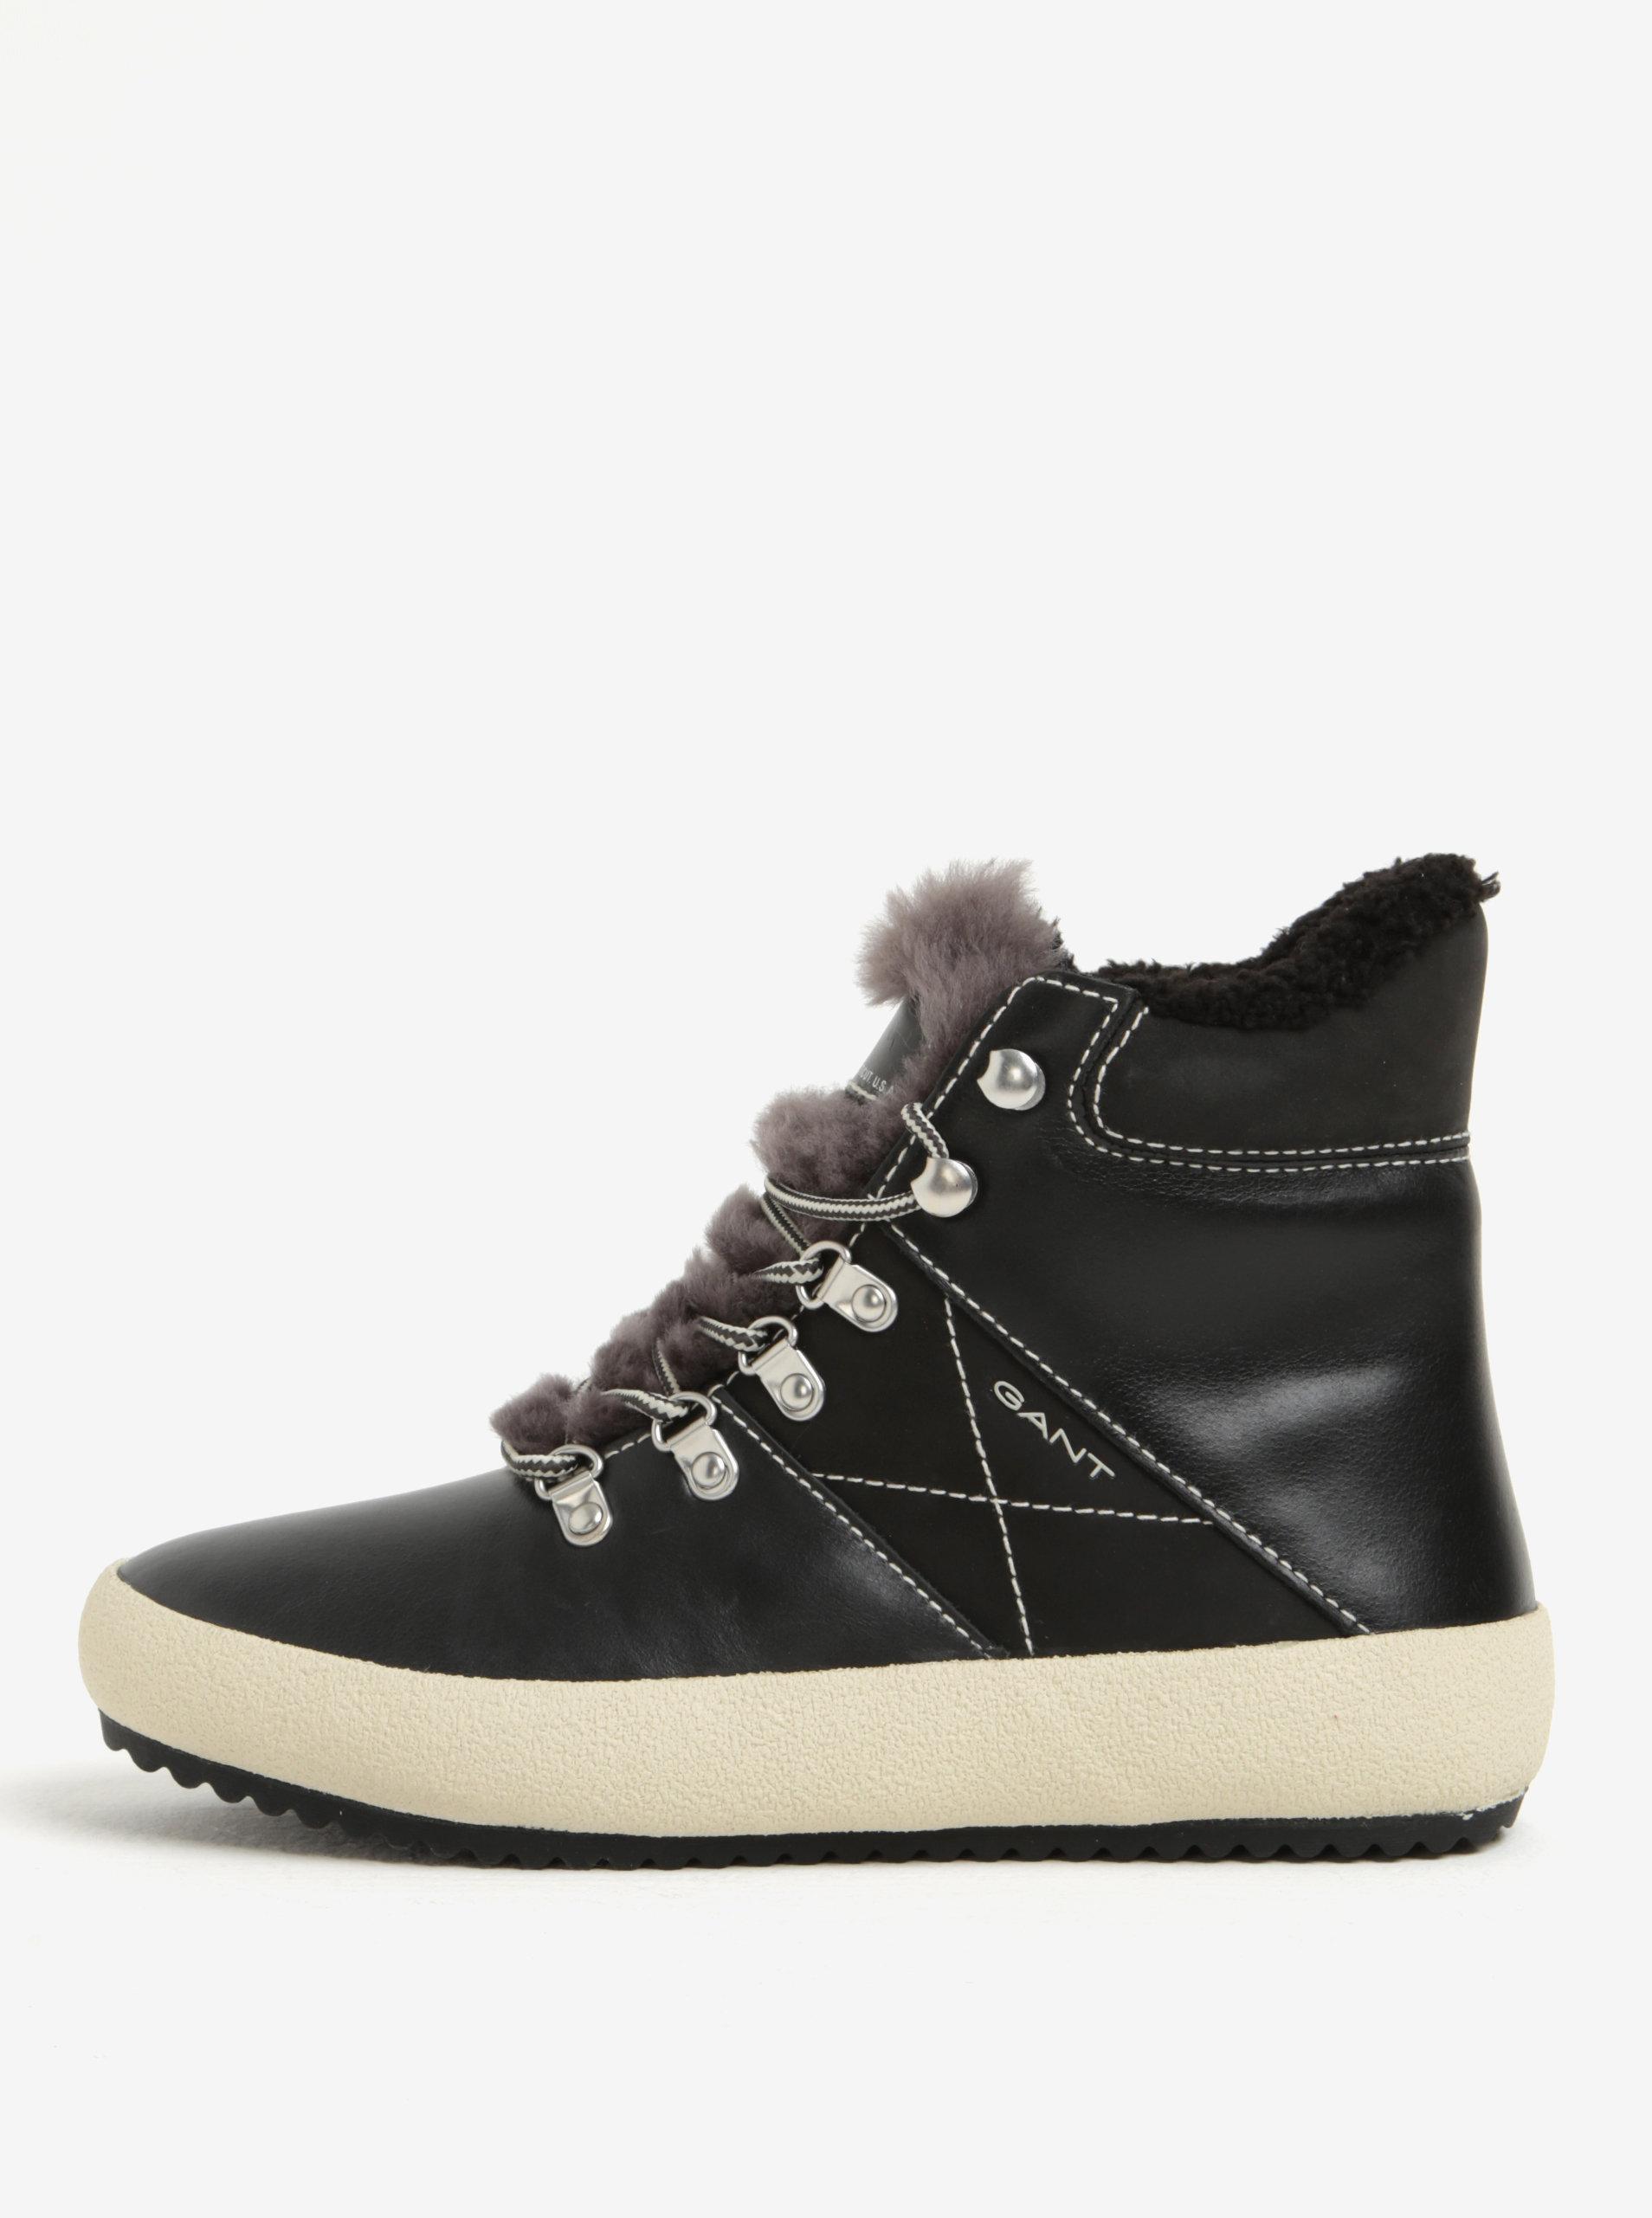 9032c810f6 Čierne dámske kožené zateplené členkové topánky GANT Amy ...